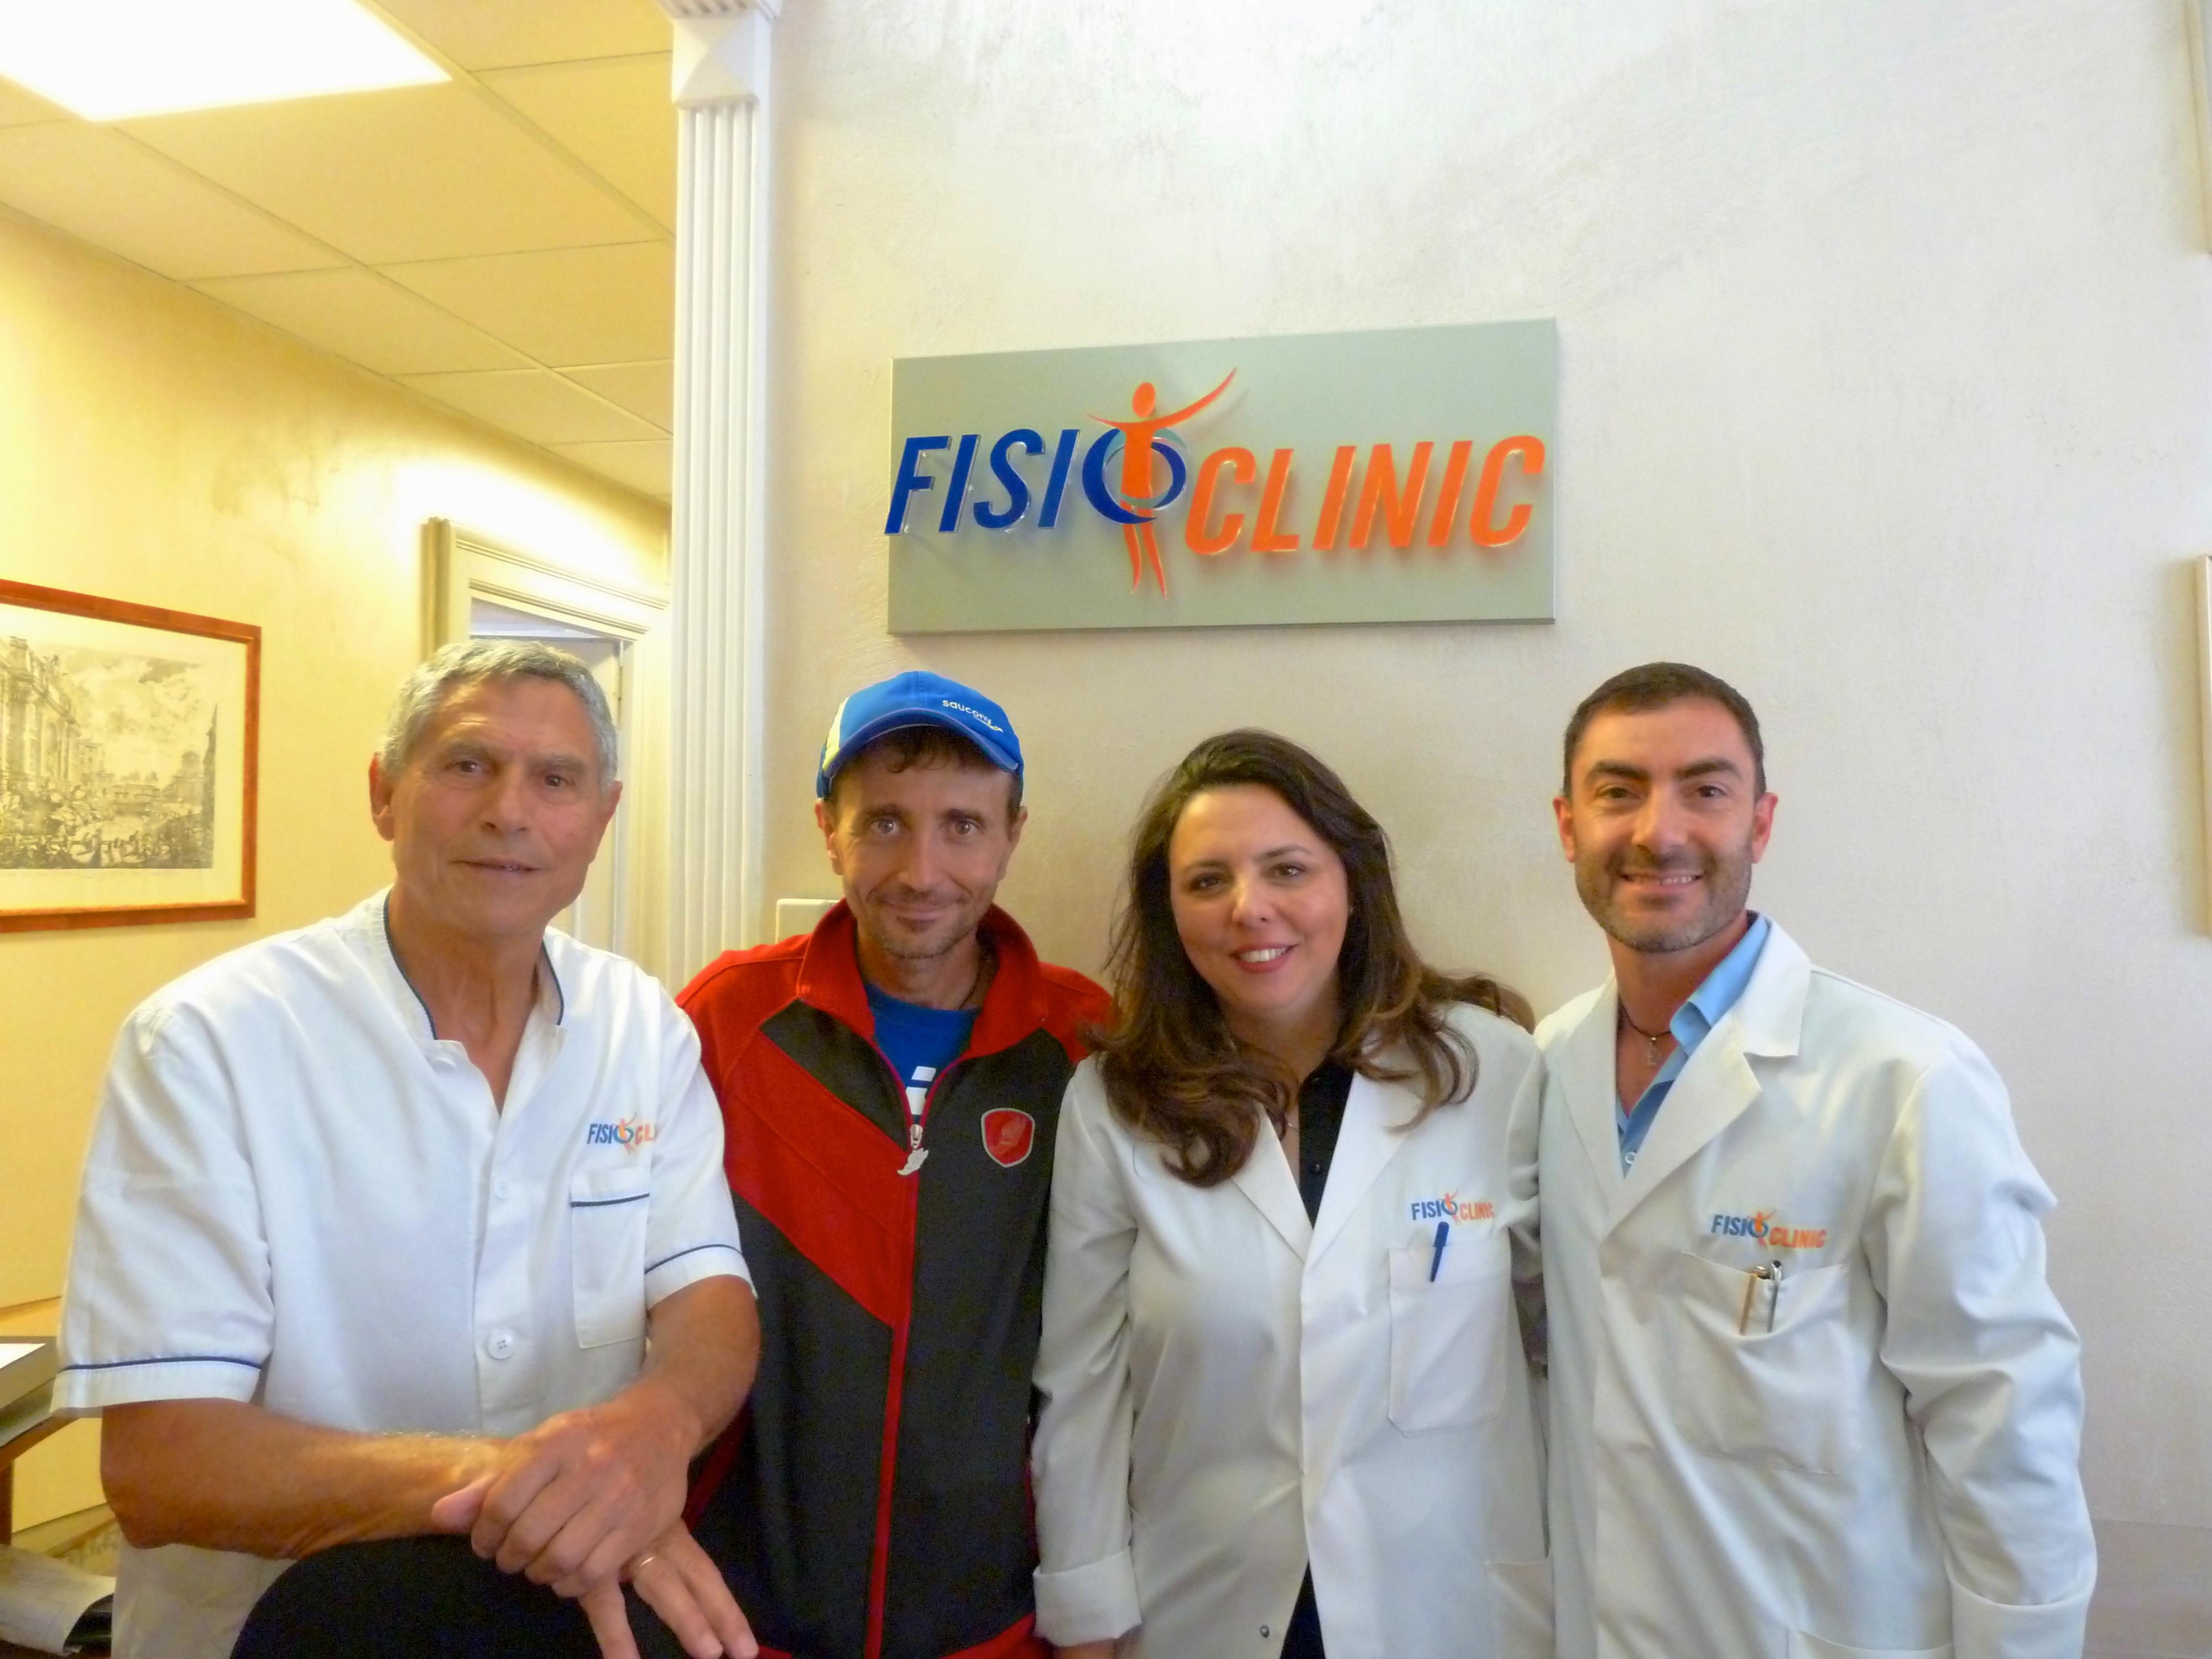 Portfolio - Giorgio Calcaterra Fisioterapia Fisioclinic Roma Saccà Grossi Emiliano